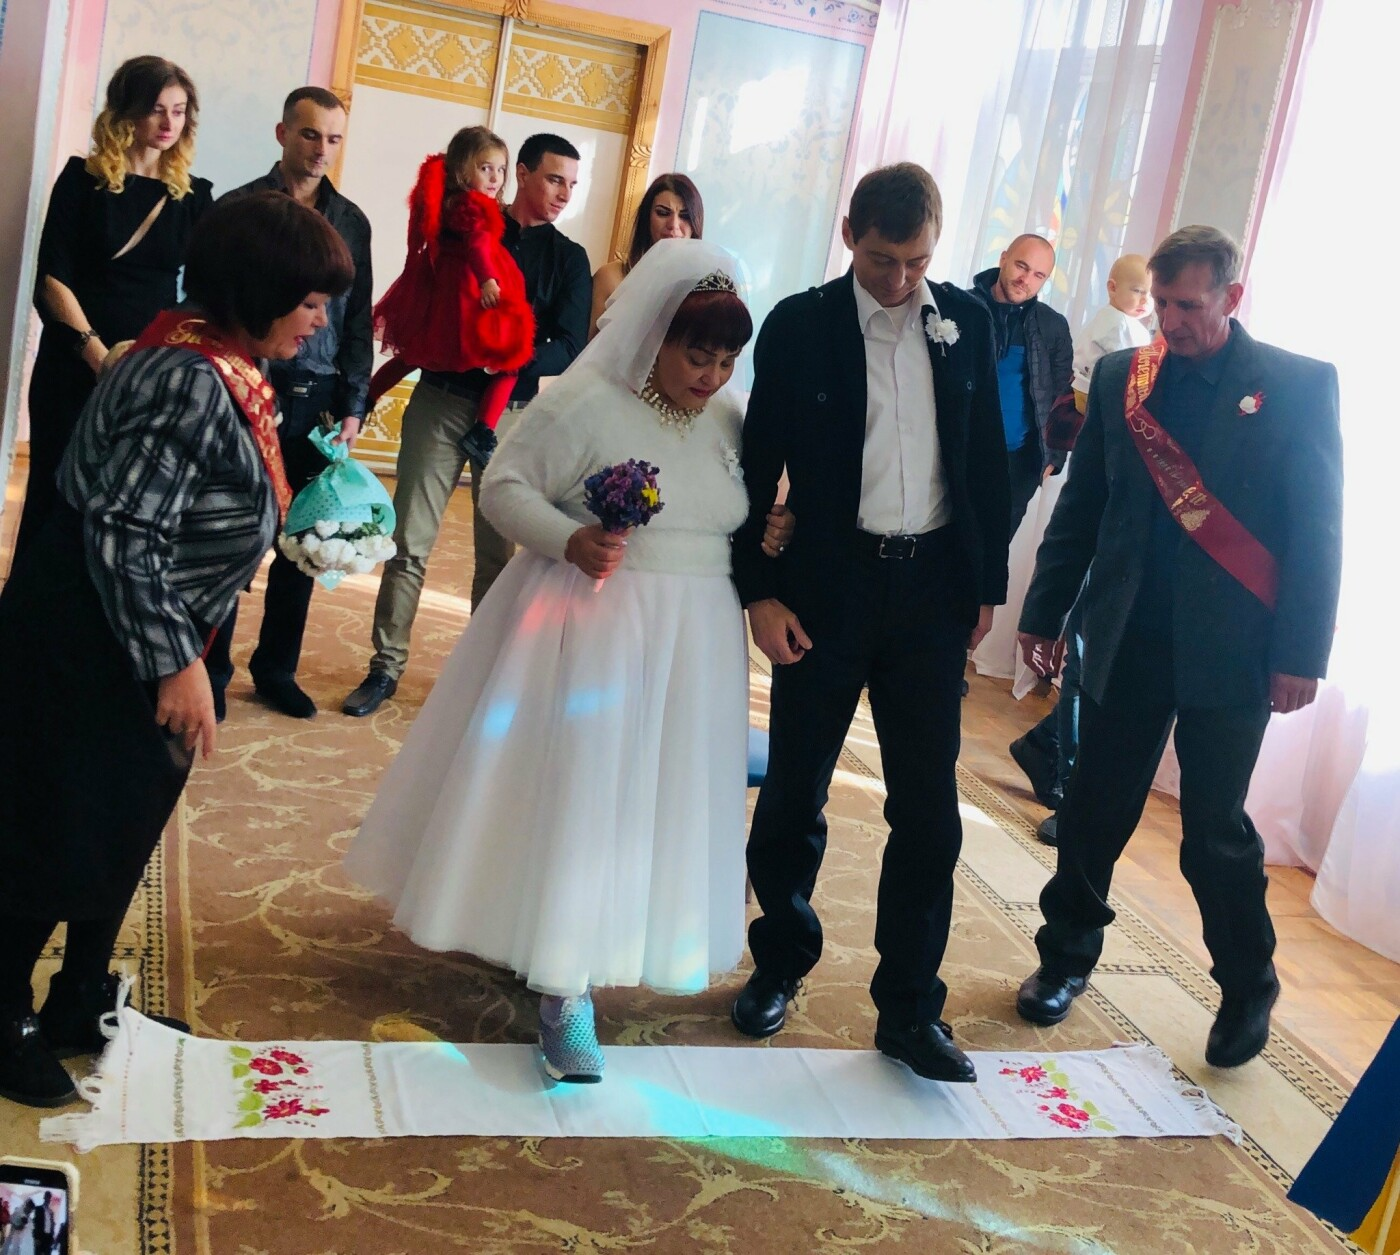 Невероятная love story в Кривом Роге: влюбленные, которых в юности пытались разлучить, сыграли свадьбу 40 лет спустя, - ФОТО, фото-4